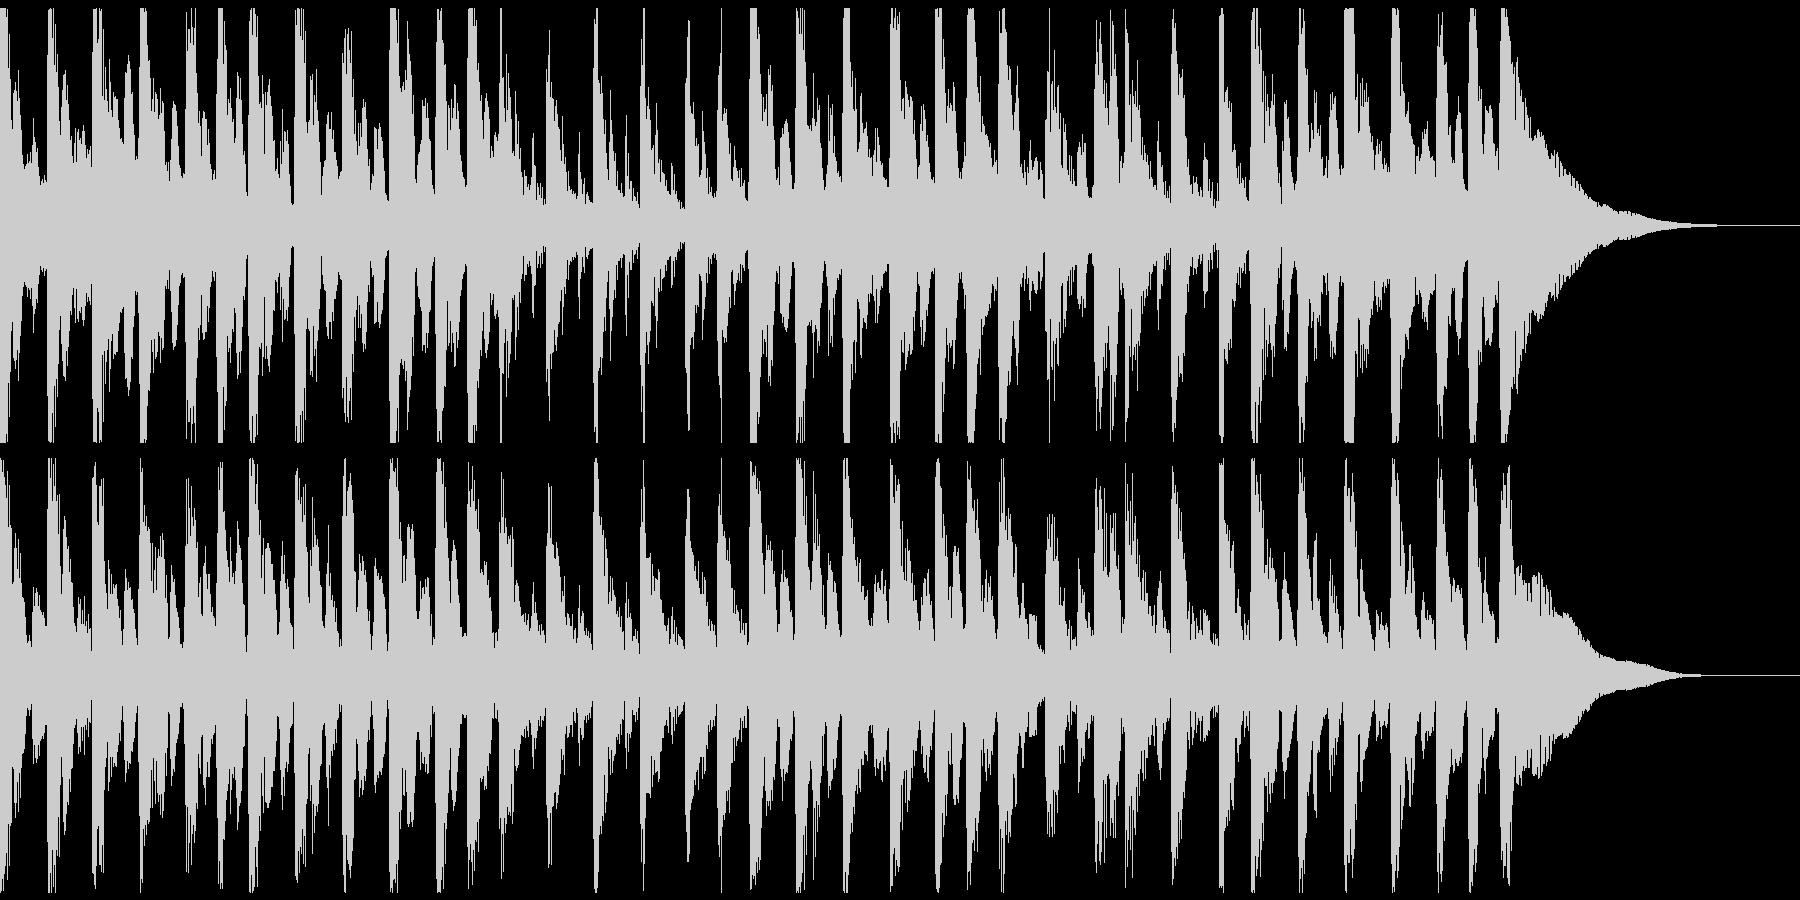 アコギロック、シュール、面白い映像。の未再生の波形